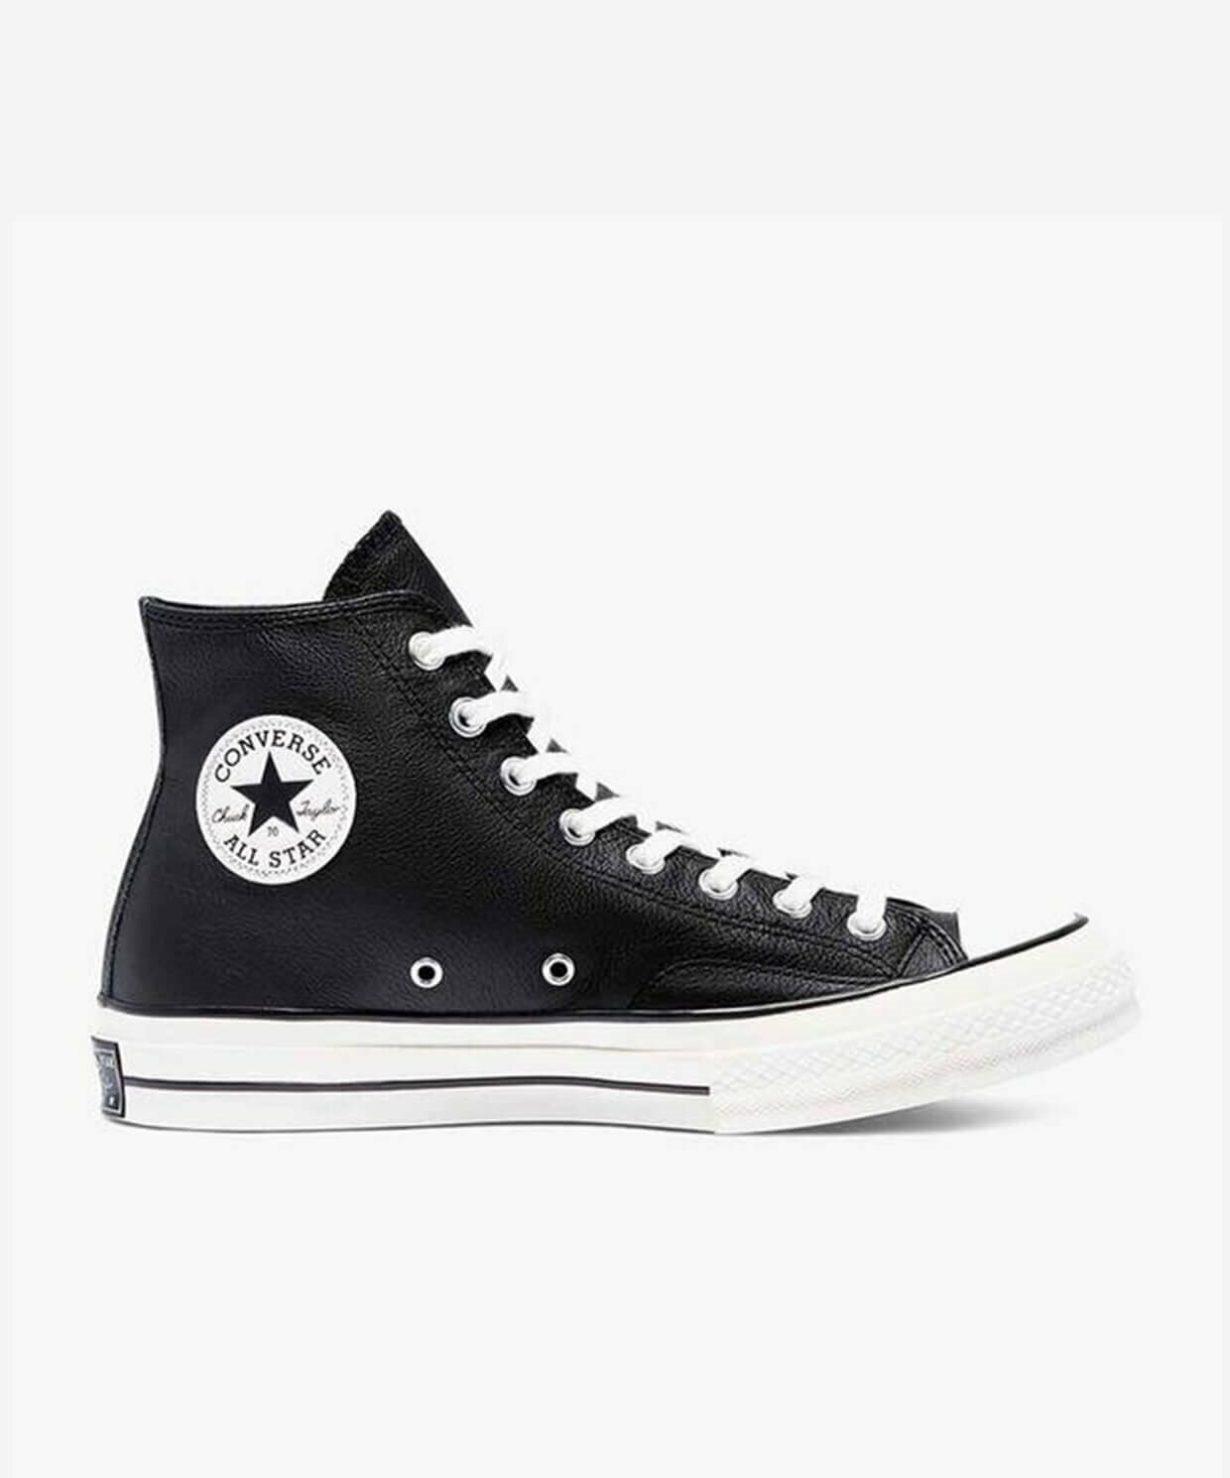 Черно-белые Converse 70 Hi